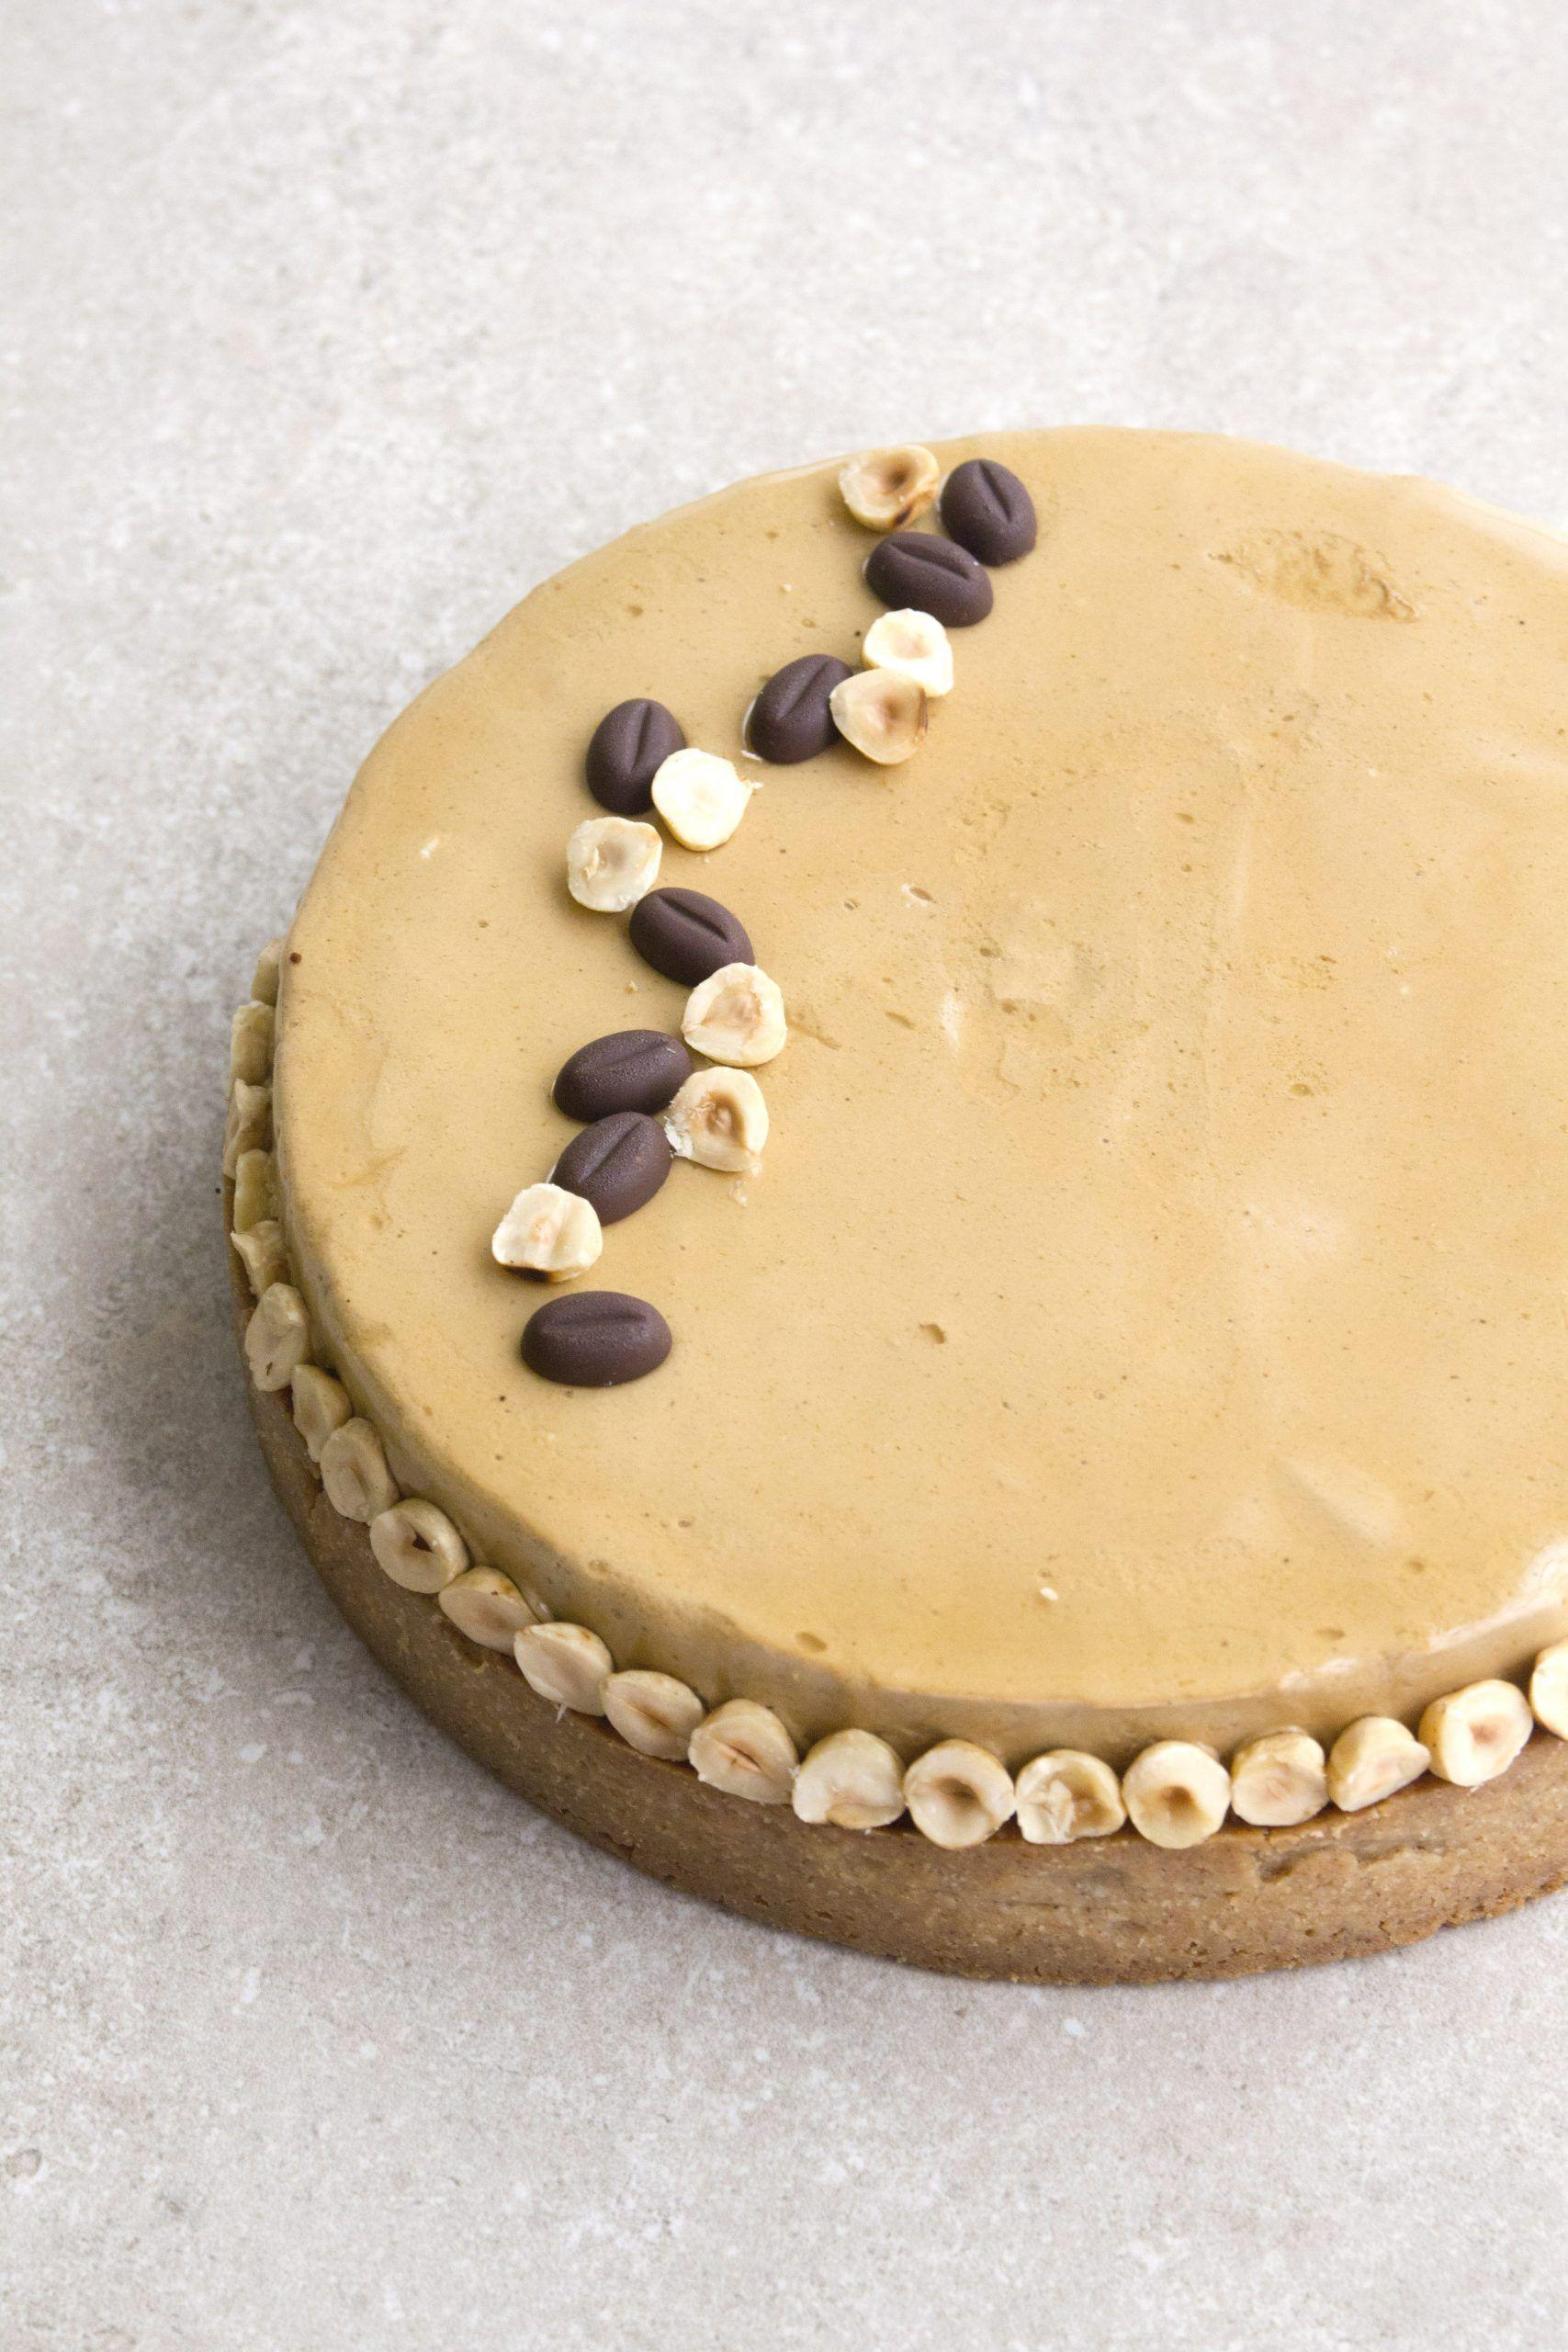 טארט קפה, אגוזי לוז ותבלינים | צילום: נטלי לוין